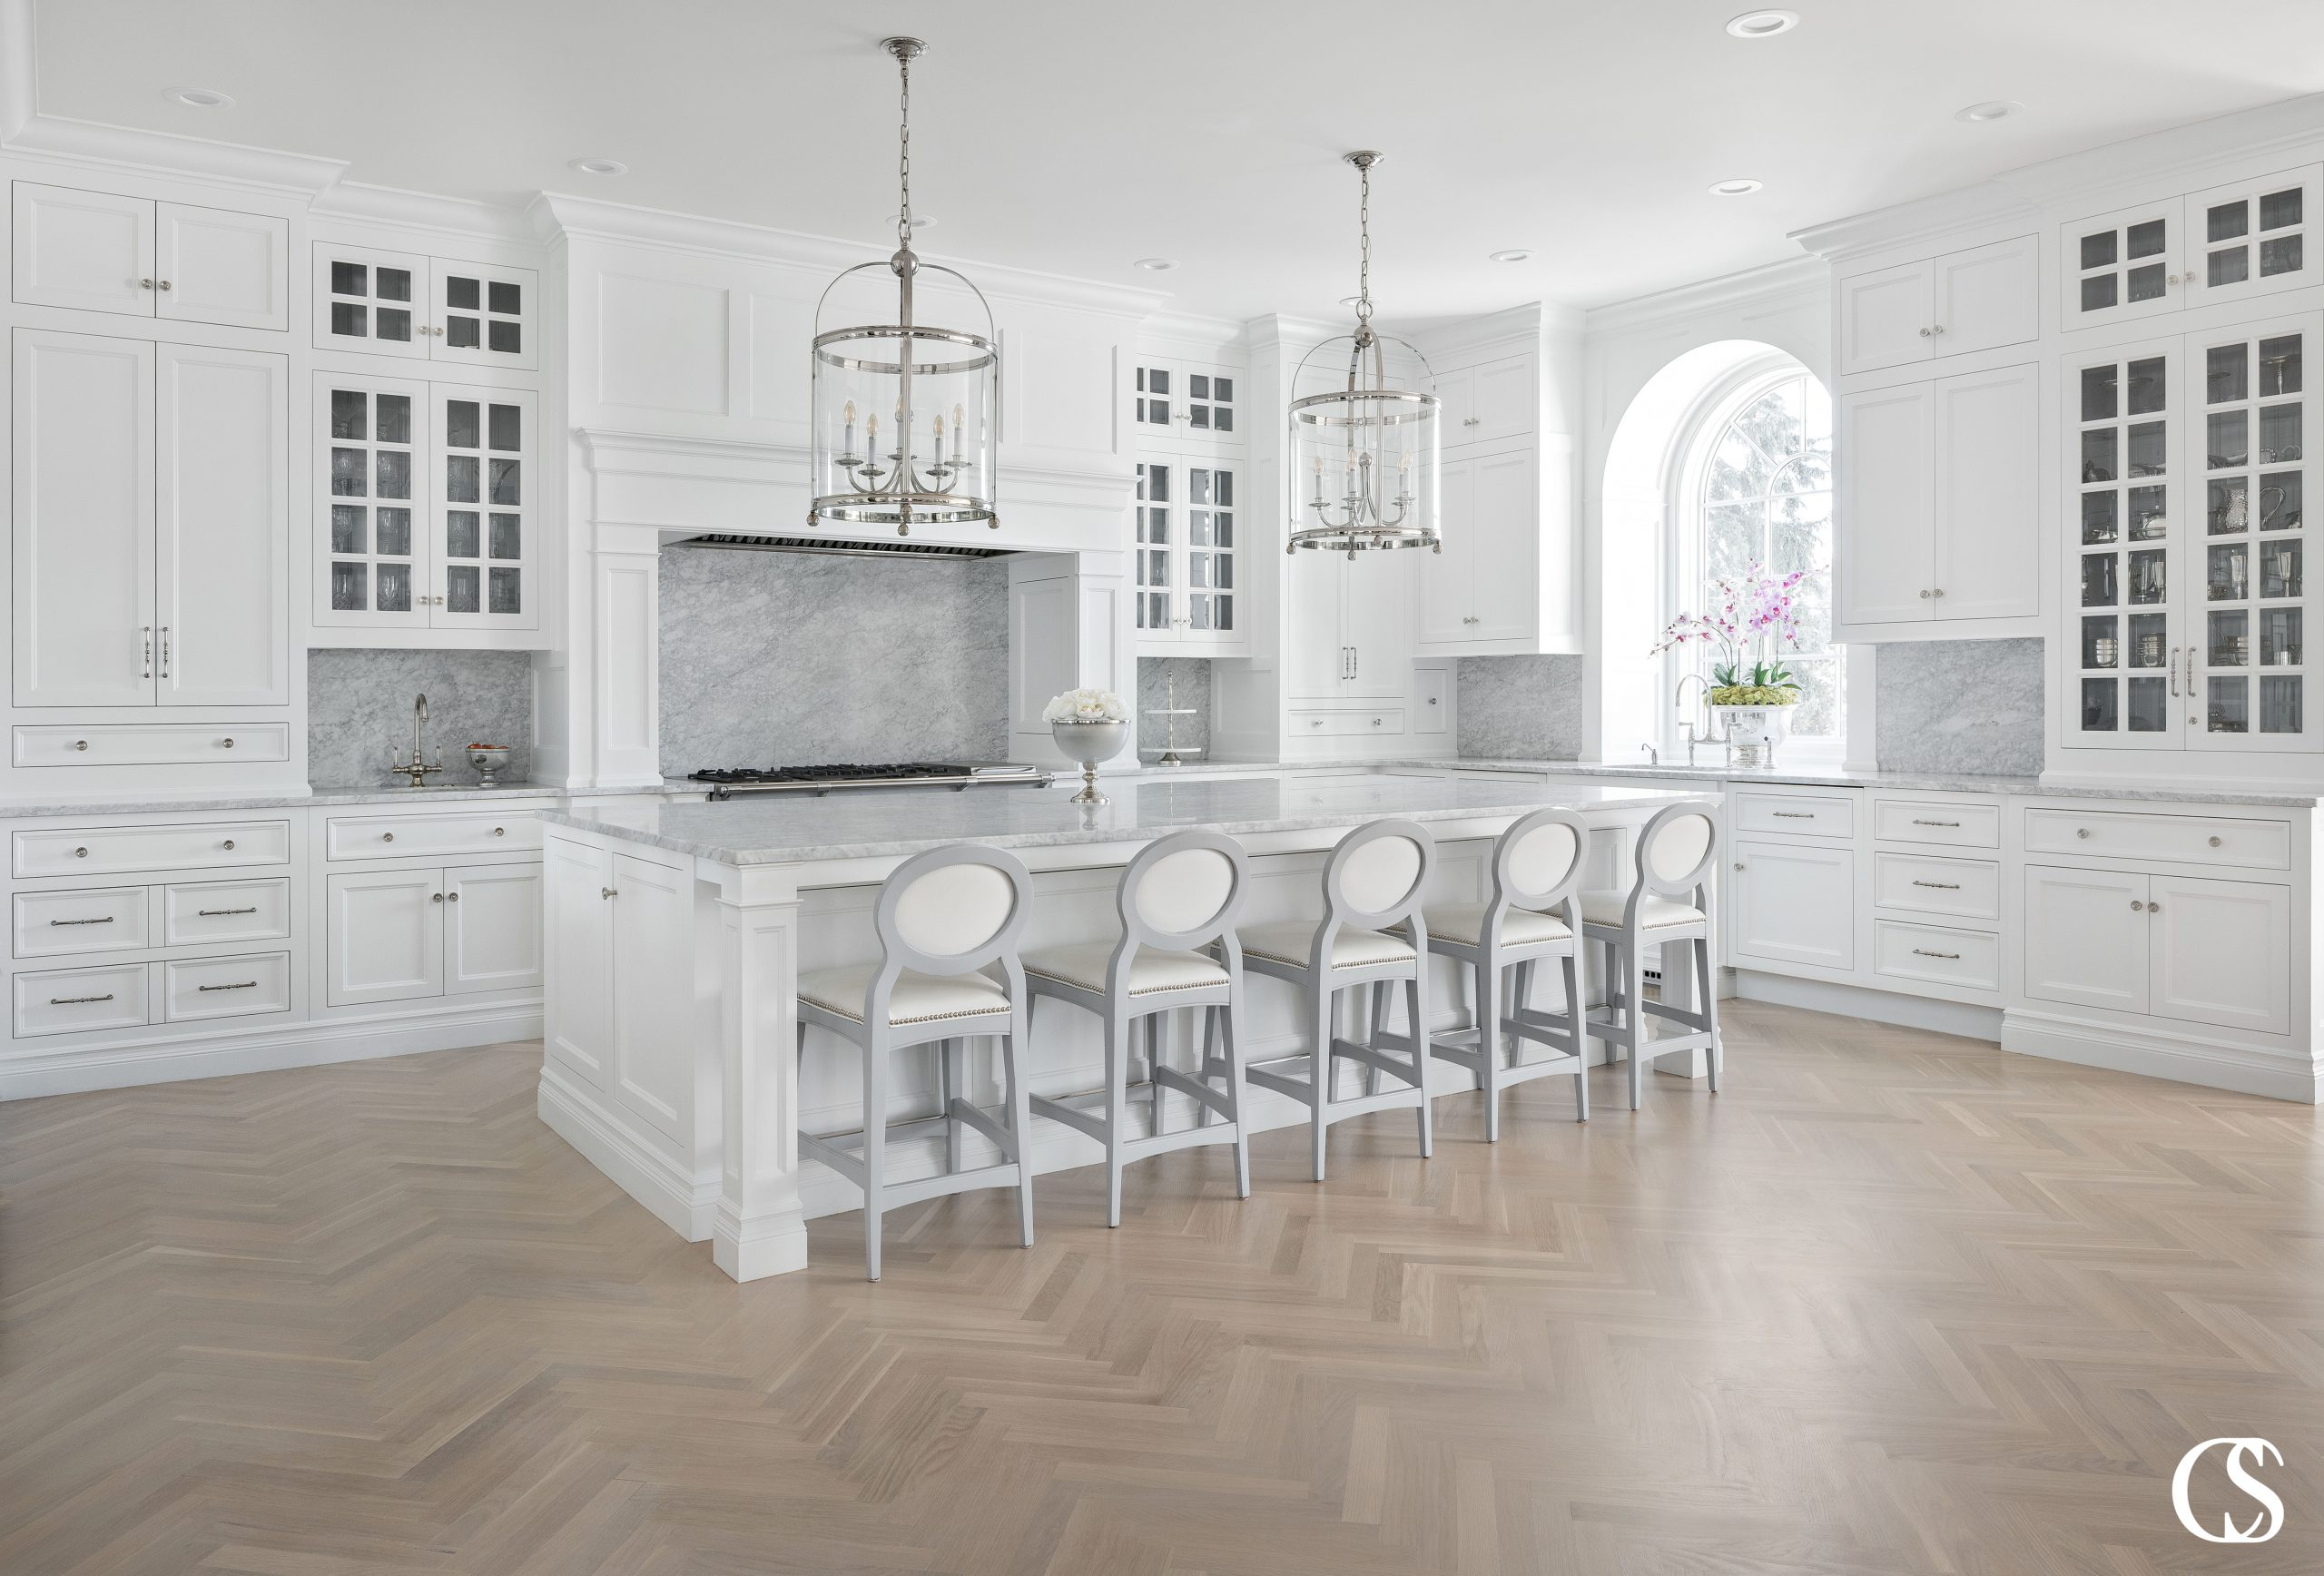 oven hood kitchen island design white